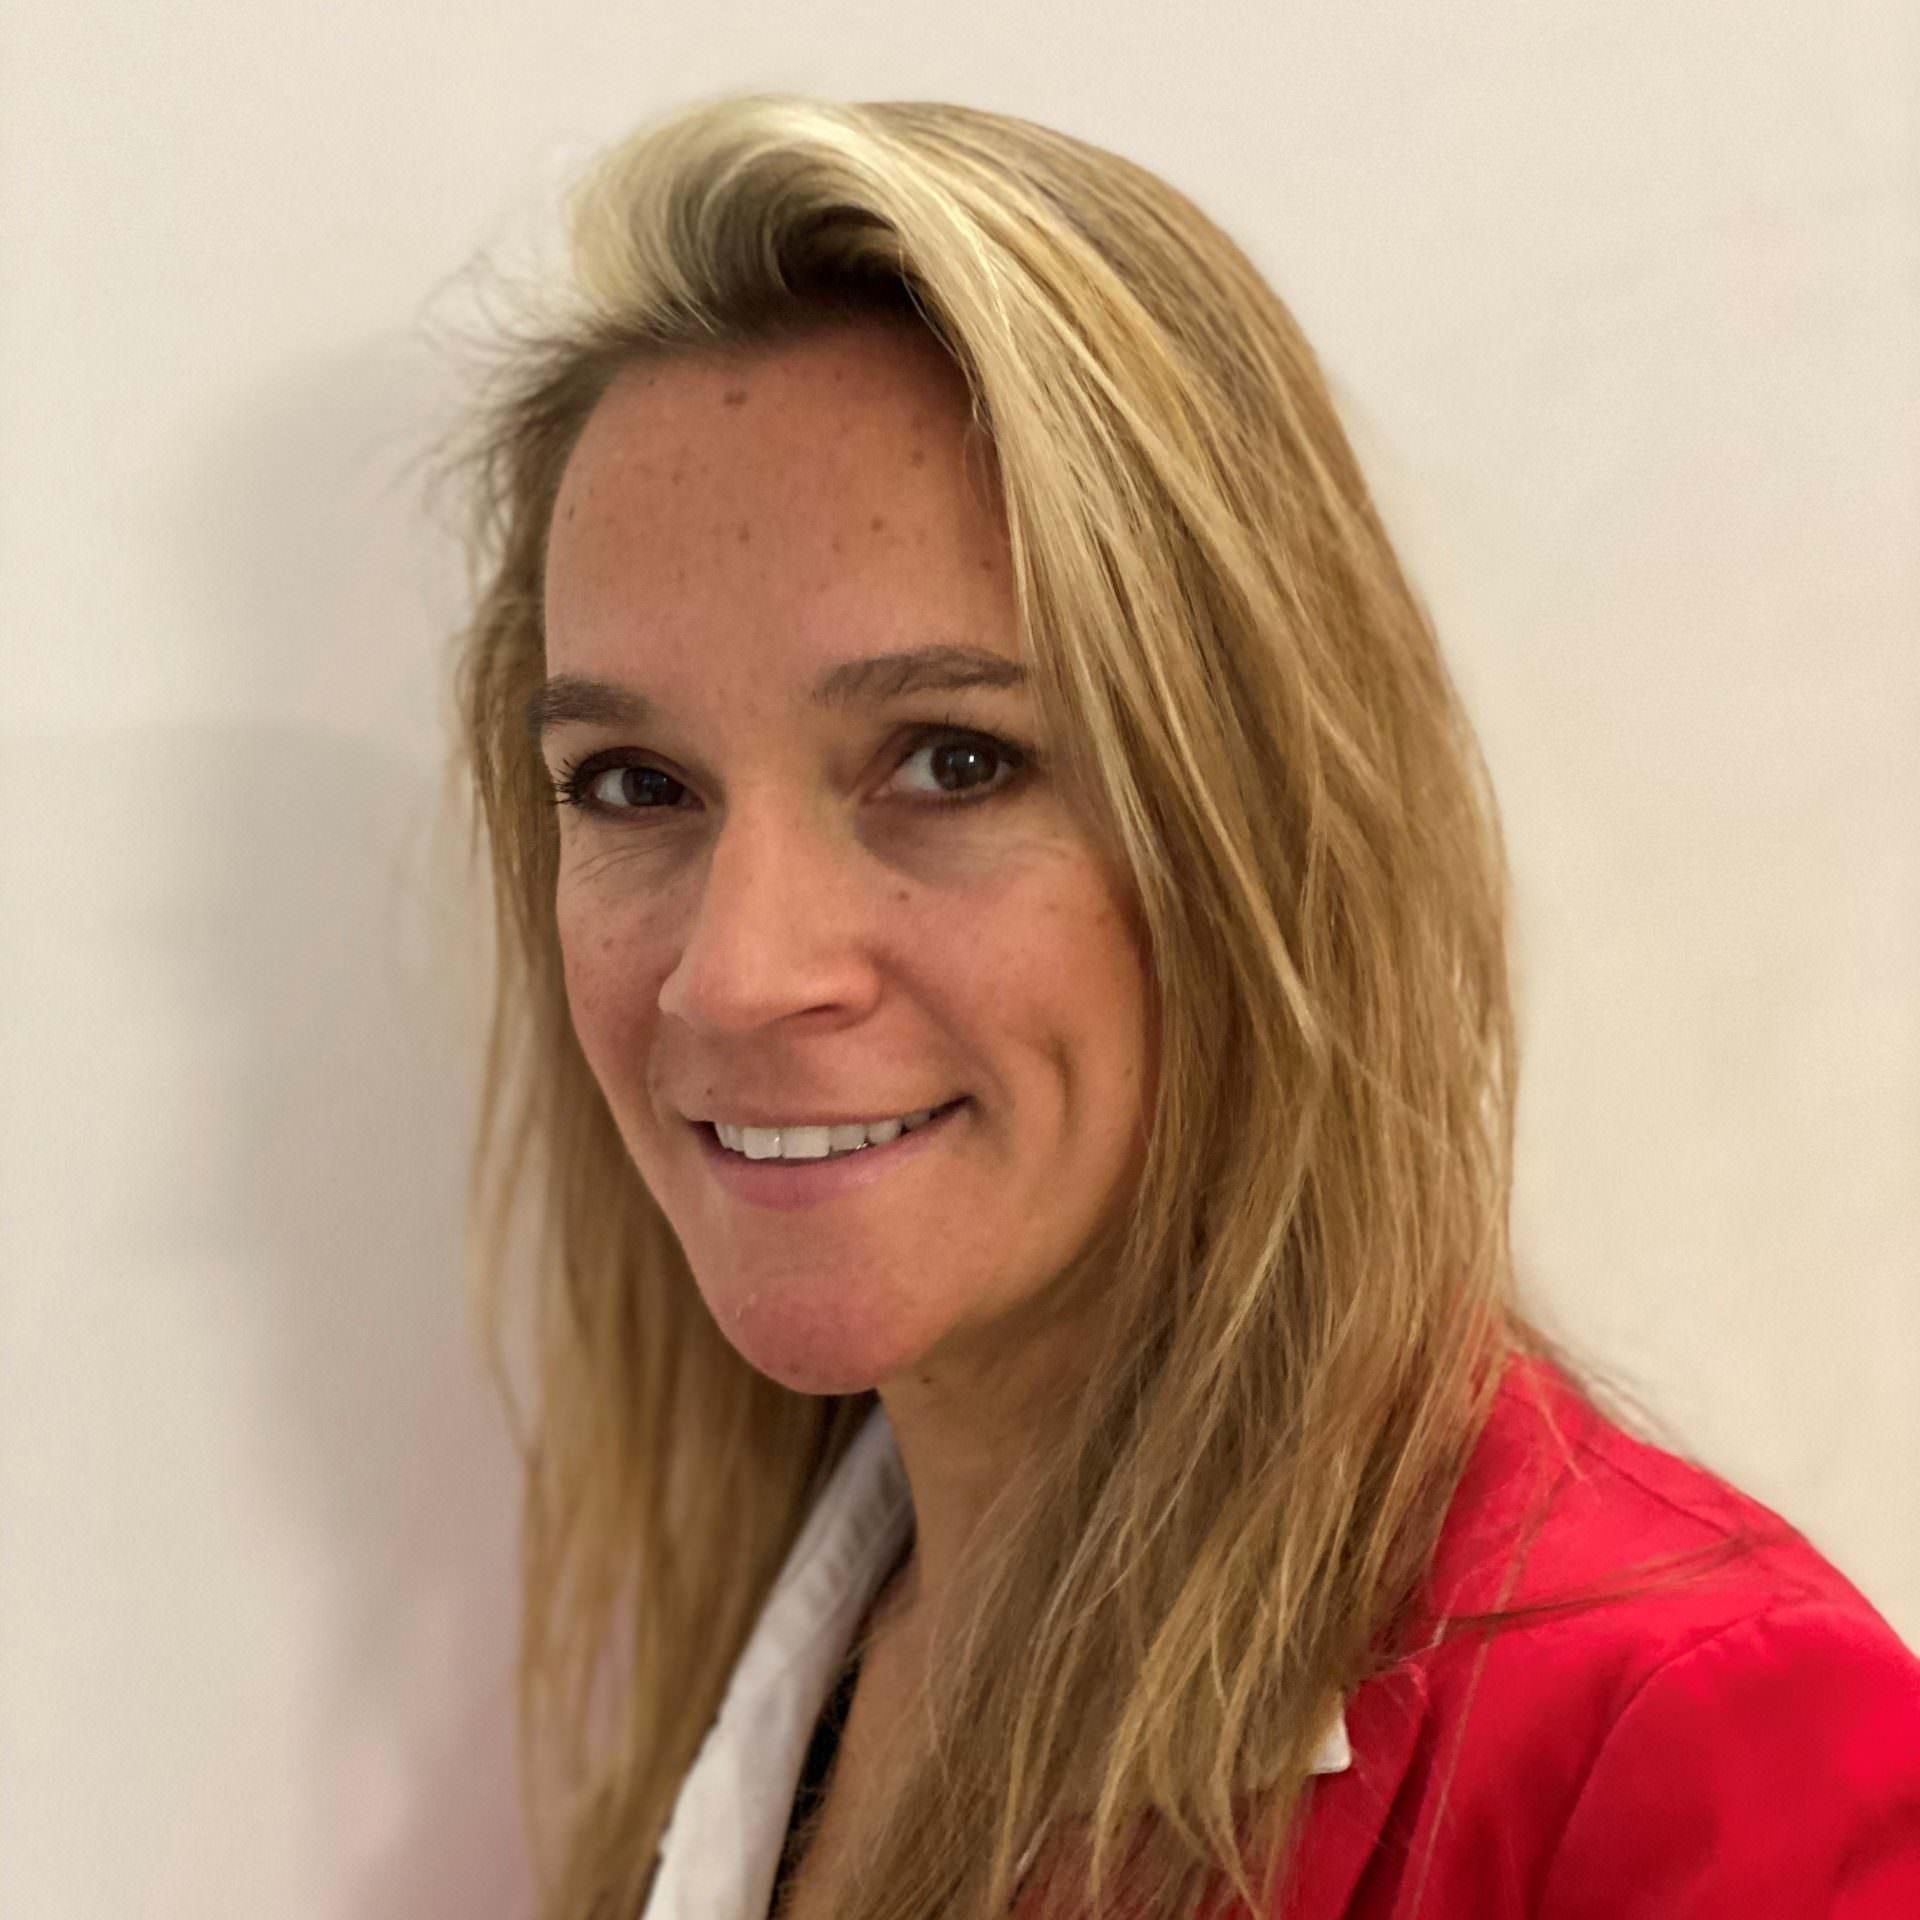 Magda Lojszczyk